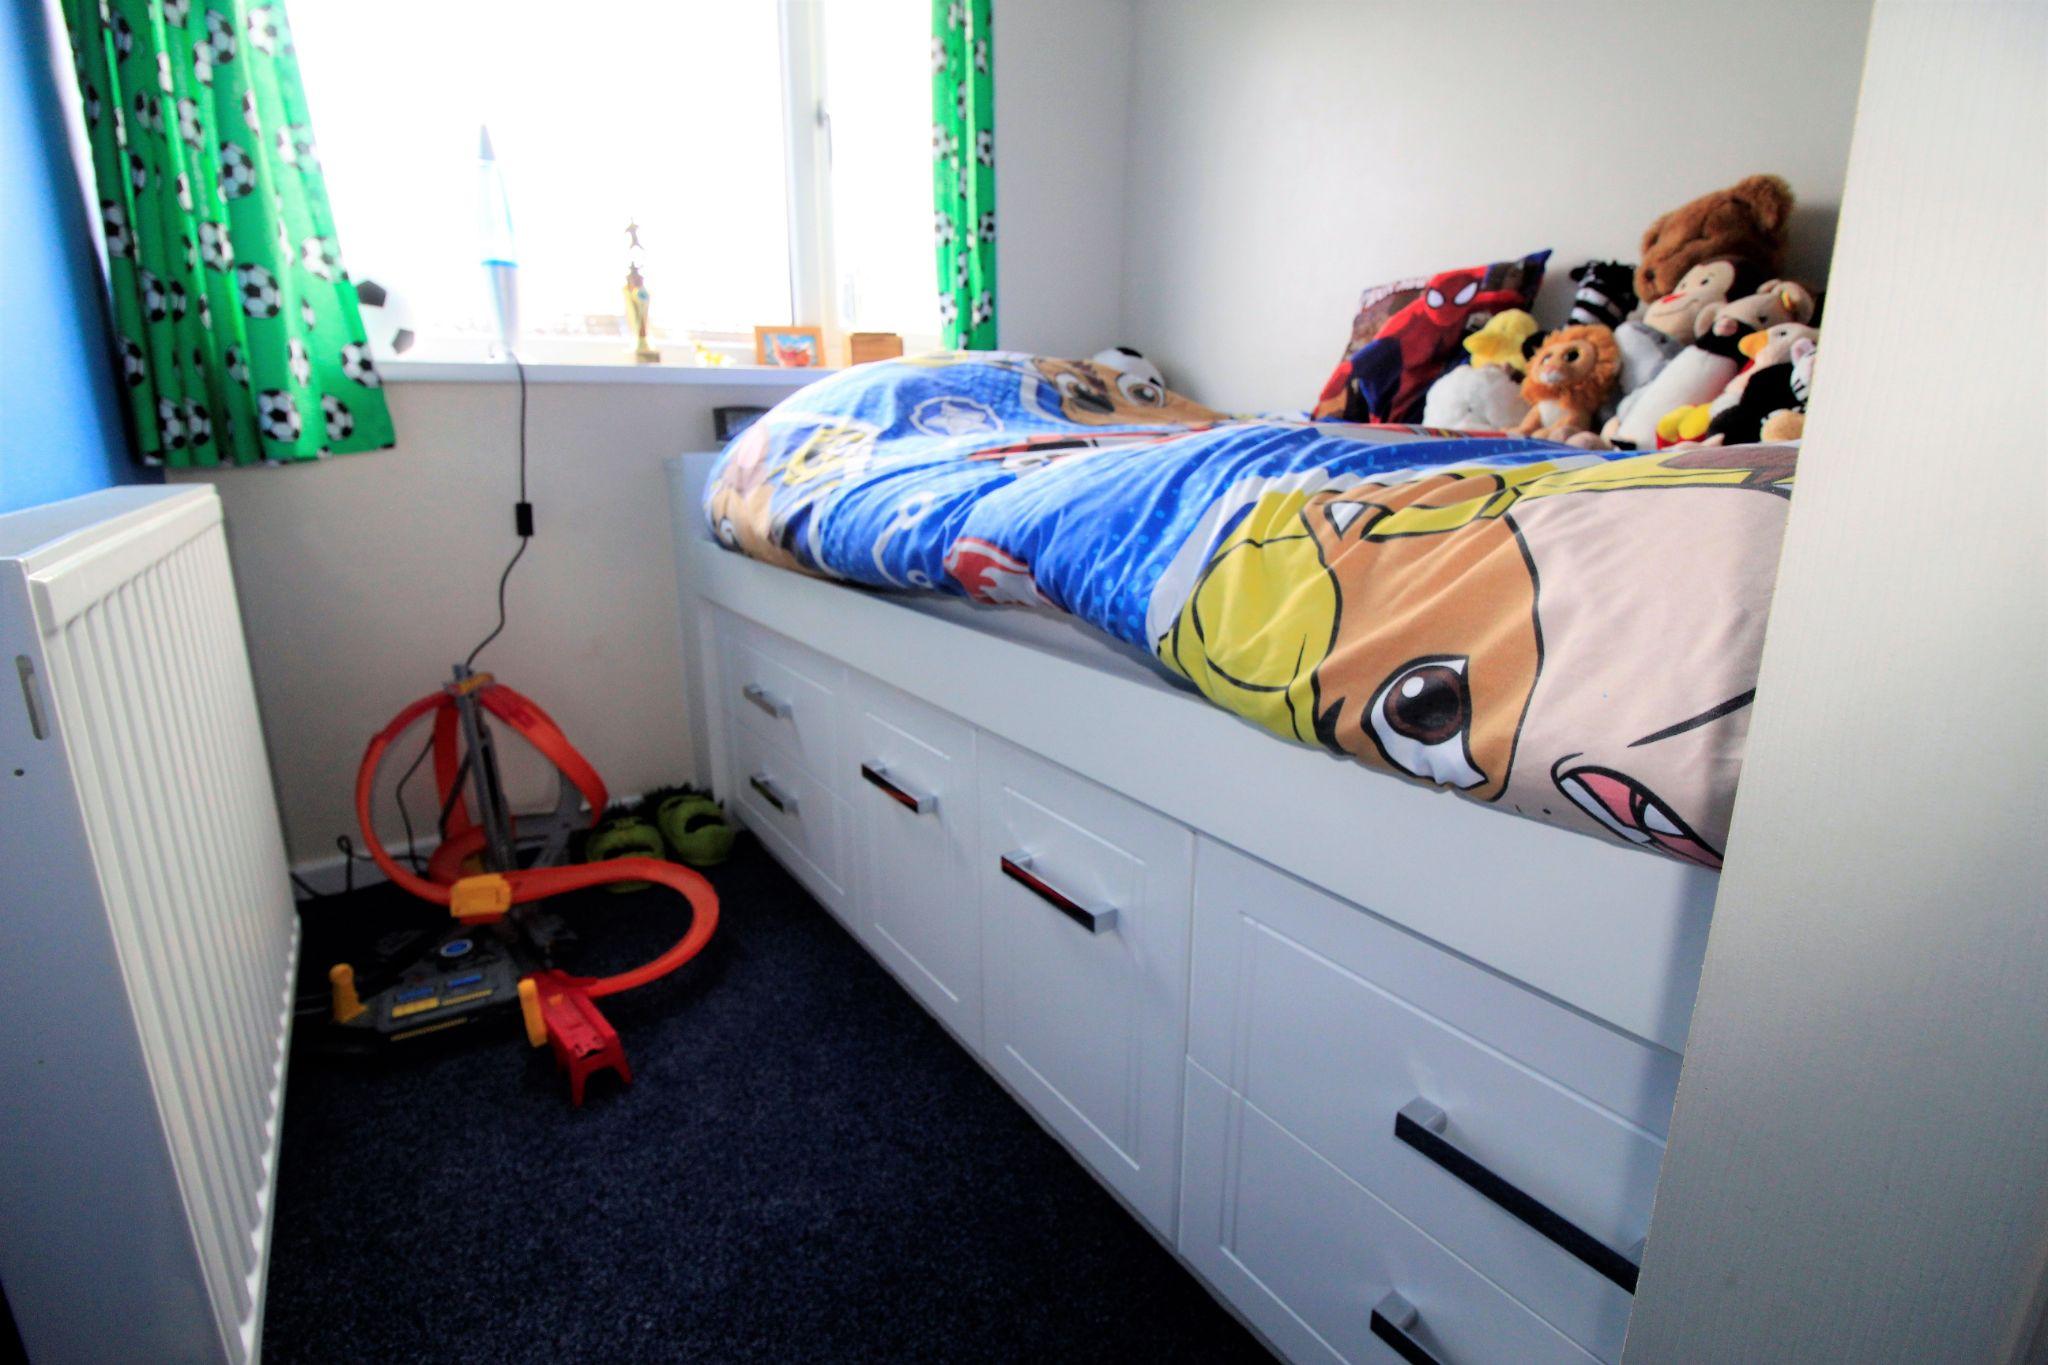 3 bedroom semi-detached house SSTC in Shipley - Bedroom 3